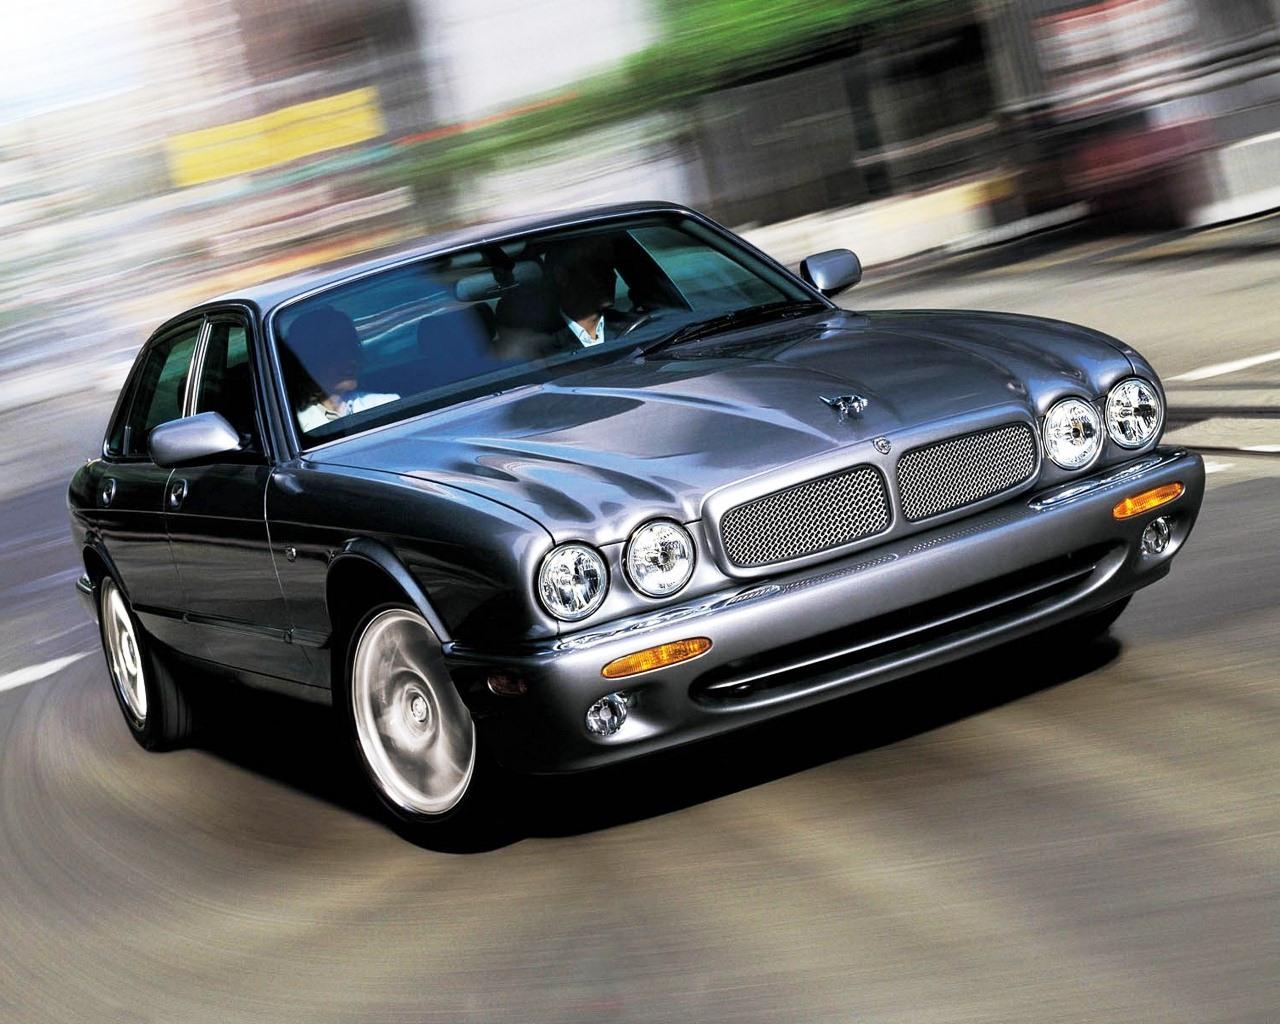 Jaguar HD Wallpapers Jaguar Car Blu Ray Wallpapers